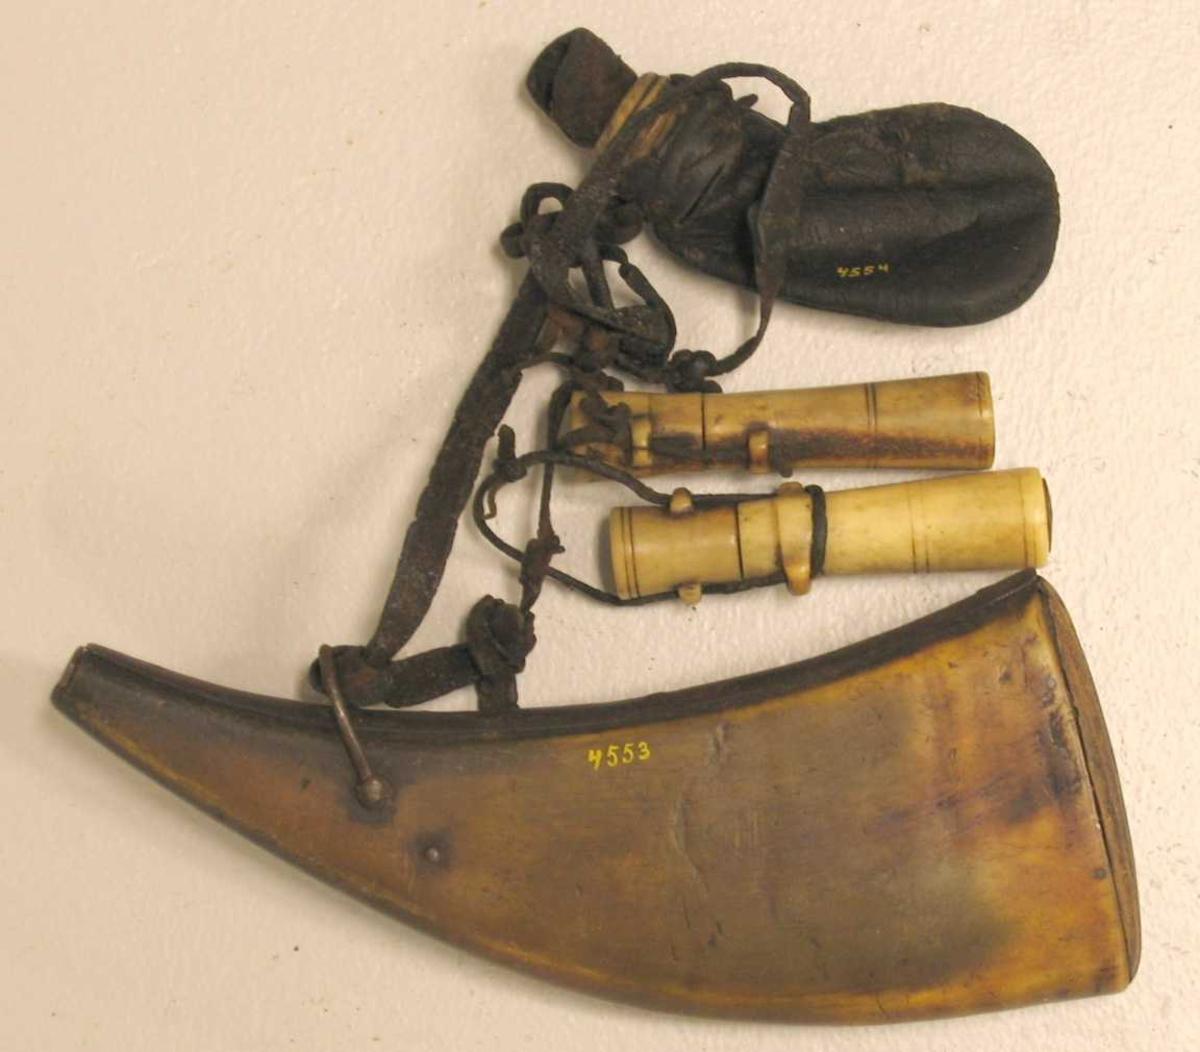 1 krudthorn.  Flatperset  krudthorn i hvis nedre ende er indsat træbund. Har fjermekanisme til aapning av øvre ende. Kjøpt paa auktion efter Rasmus R. Kreken, ved K. A. Ormbergstøl.